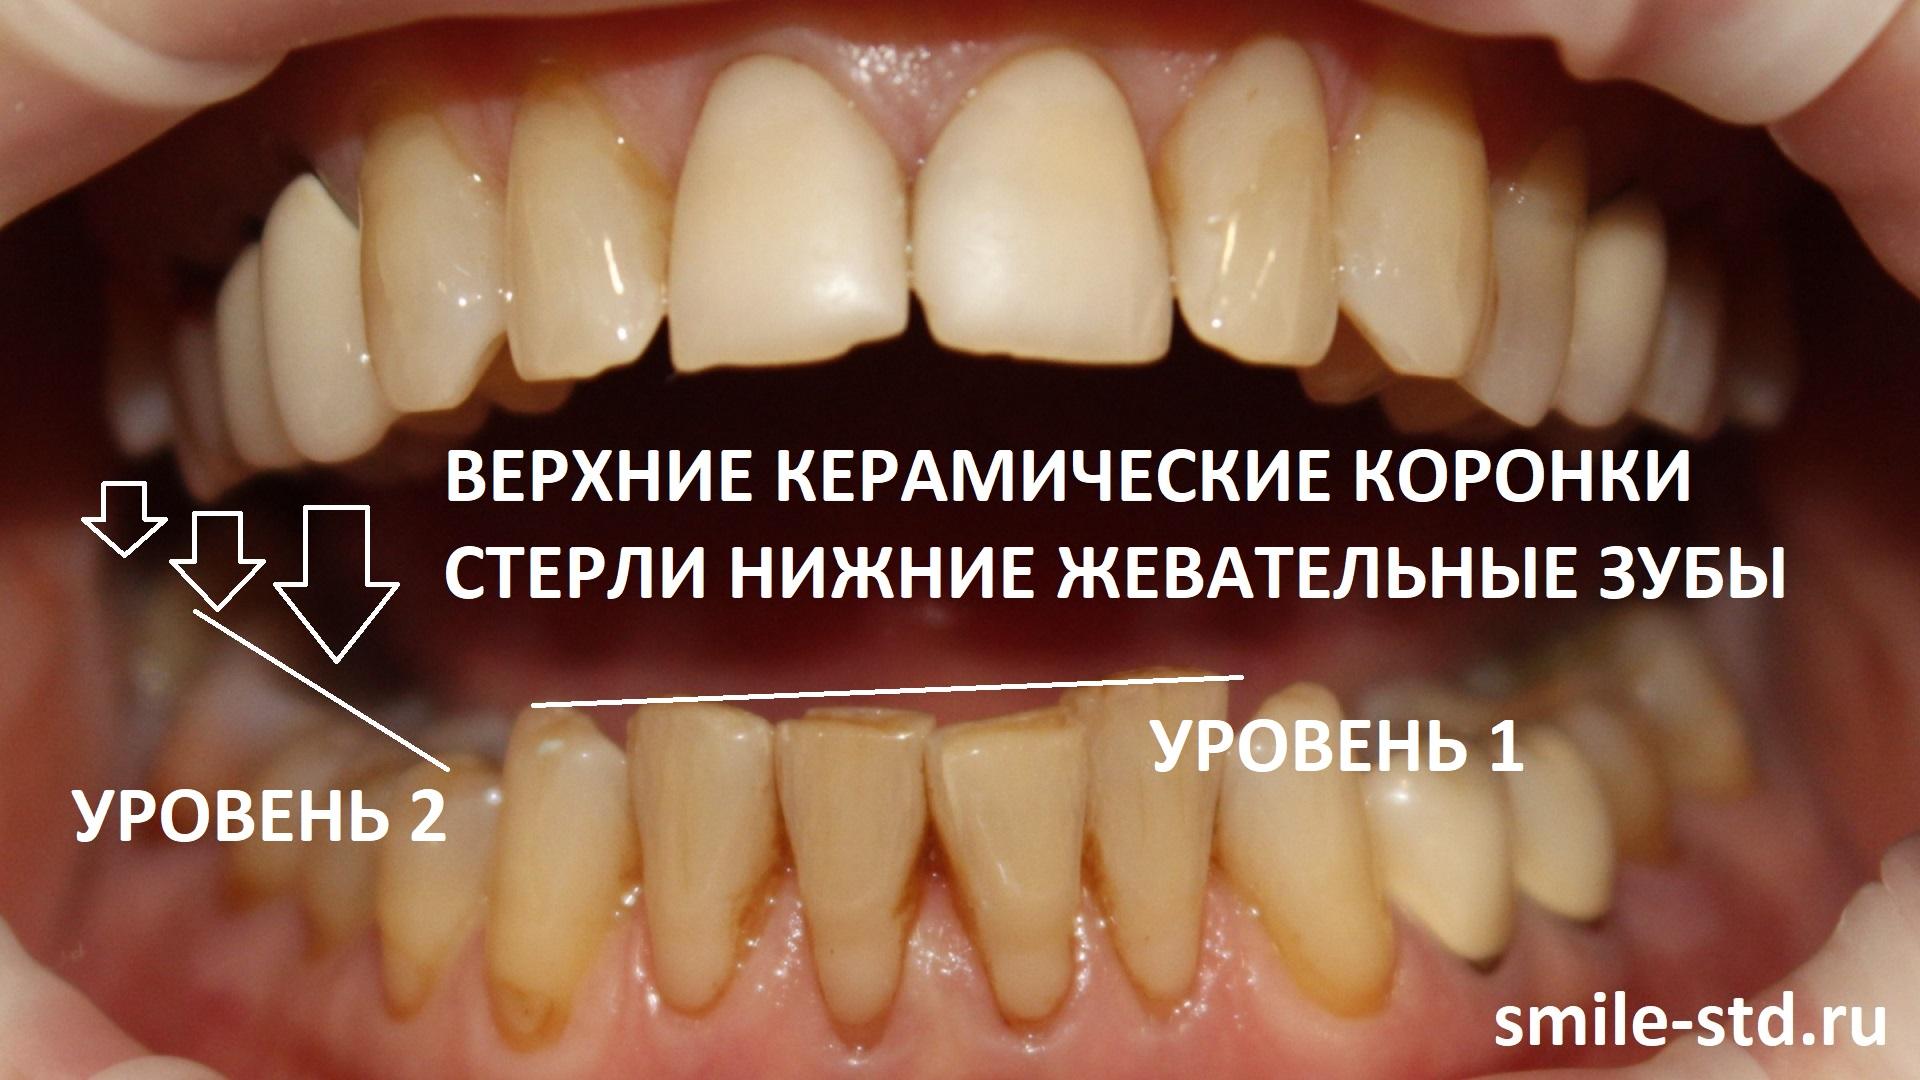 Зубы 4.4 и 4.5 также были занижены в прикусе из-за постоянного давления верхних коронок. Пациент клиники Smile STD, Москва